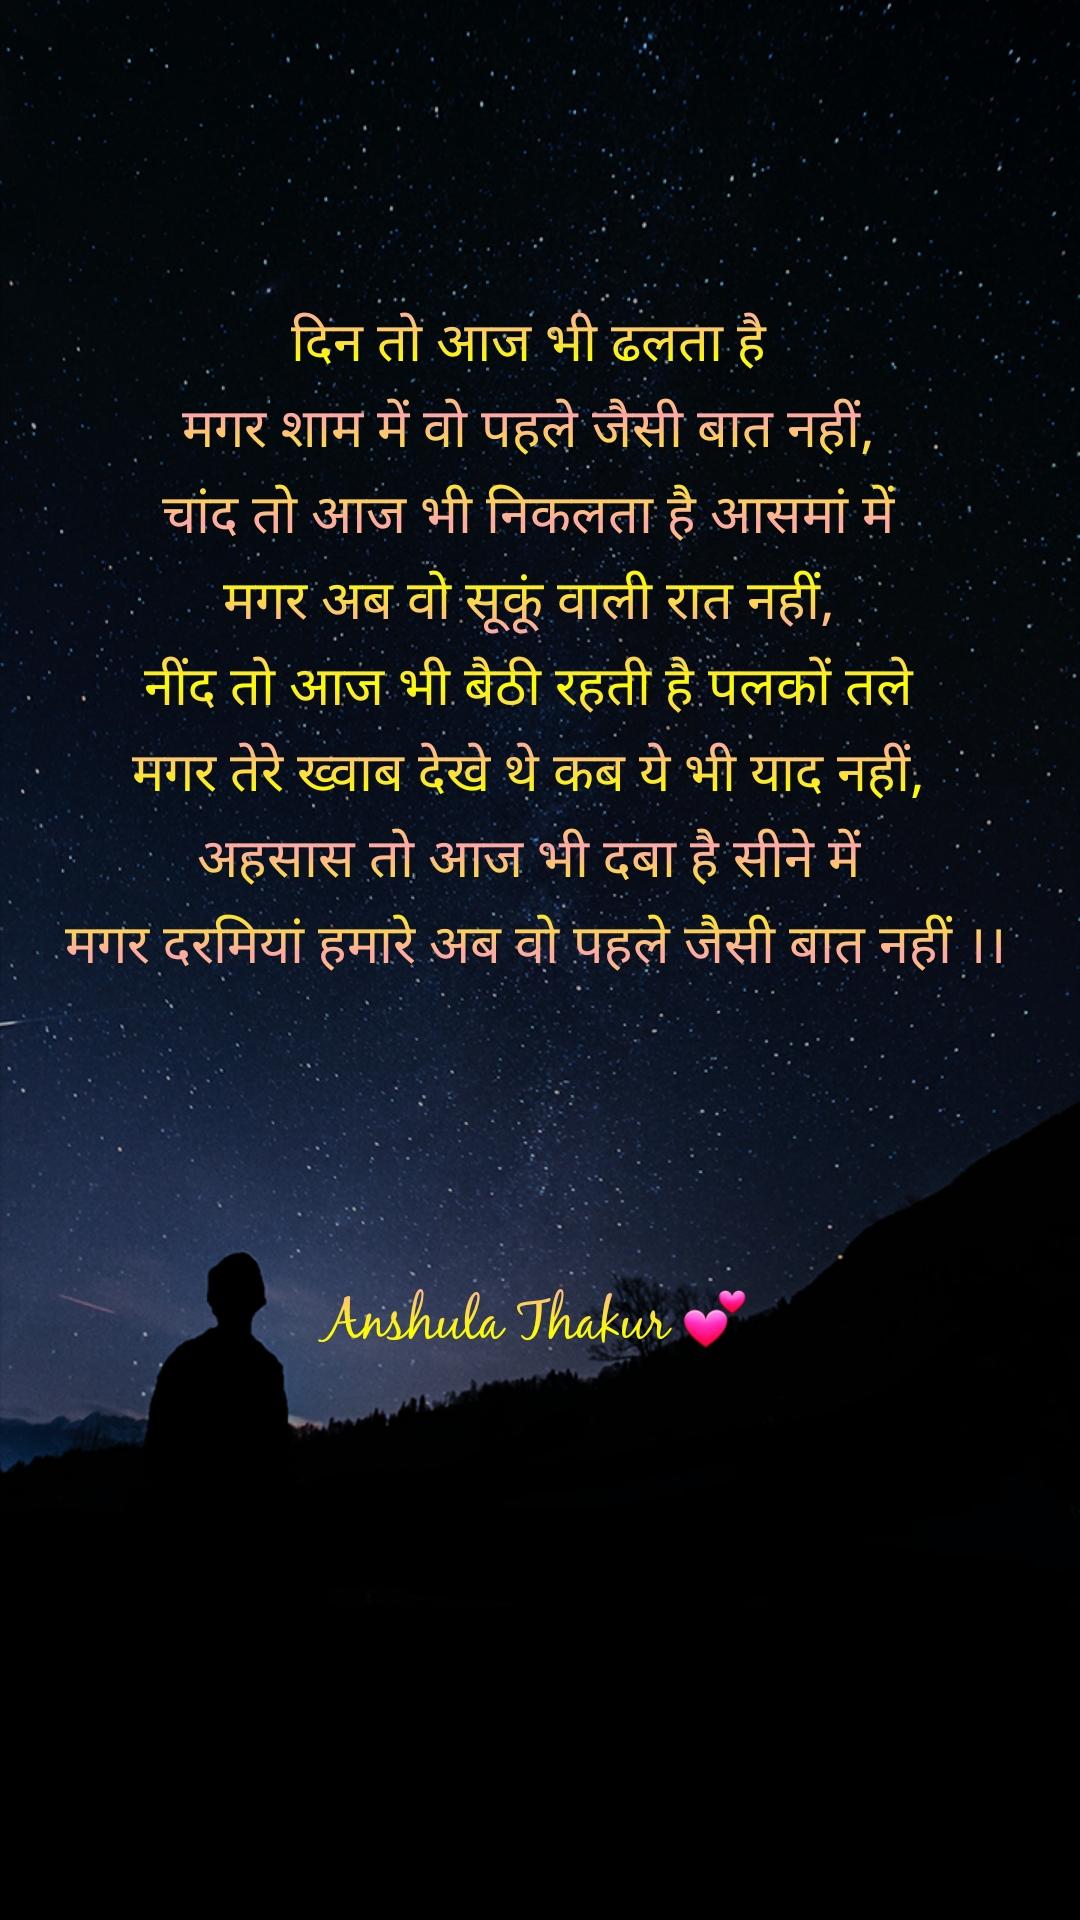 दिन तो आज भी ढलता है  मगर शाम में वो पहले जैसी बात नहीं,  चांद तो आज भी निकलता है आसमां में  मगर अब वो सूकूं वाली रात नहीं,  नींद तो आज भी बैठी रहती है पलकों तले  मगर तेरे ख्वाब देखे थे कब ये भी याद नहीं,  अहसास तो आज भी दबा है सीने में  मगर दरमियां हमारे अब वो पहले जैसी बात नहीं ।।     Anshula Thakur 💕